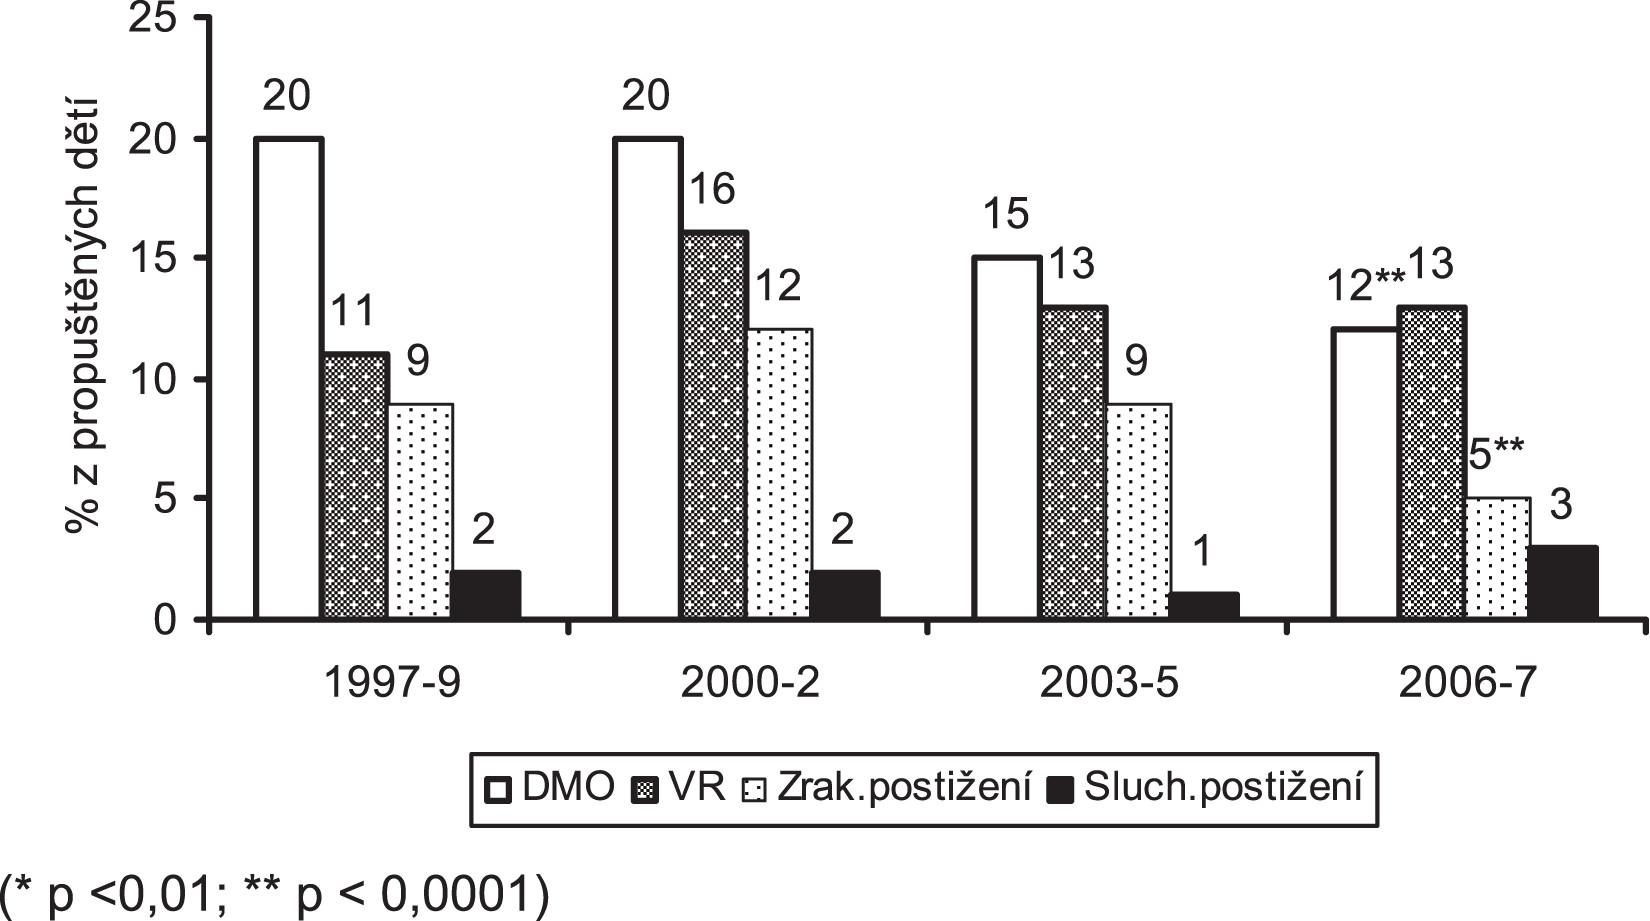 Obr. 3b. Pozdní morbidita dětí s porodní hmotností pod 1000 g ve 2 letech korigovaného věku